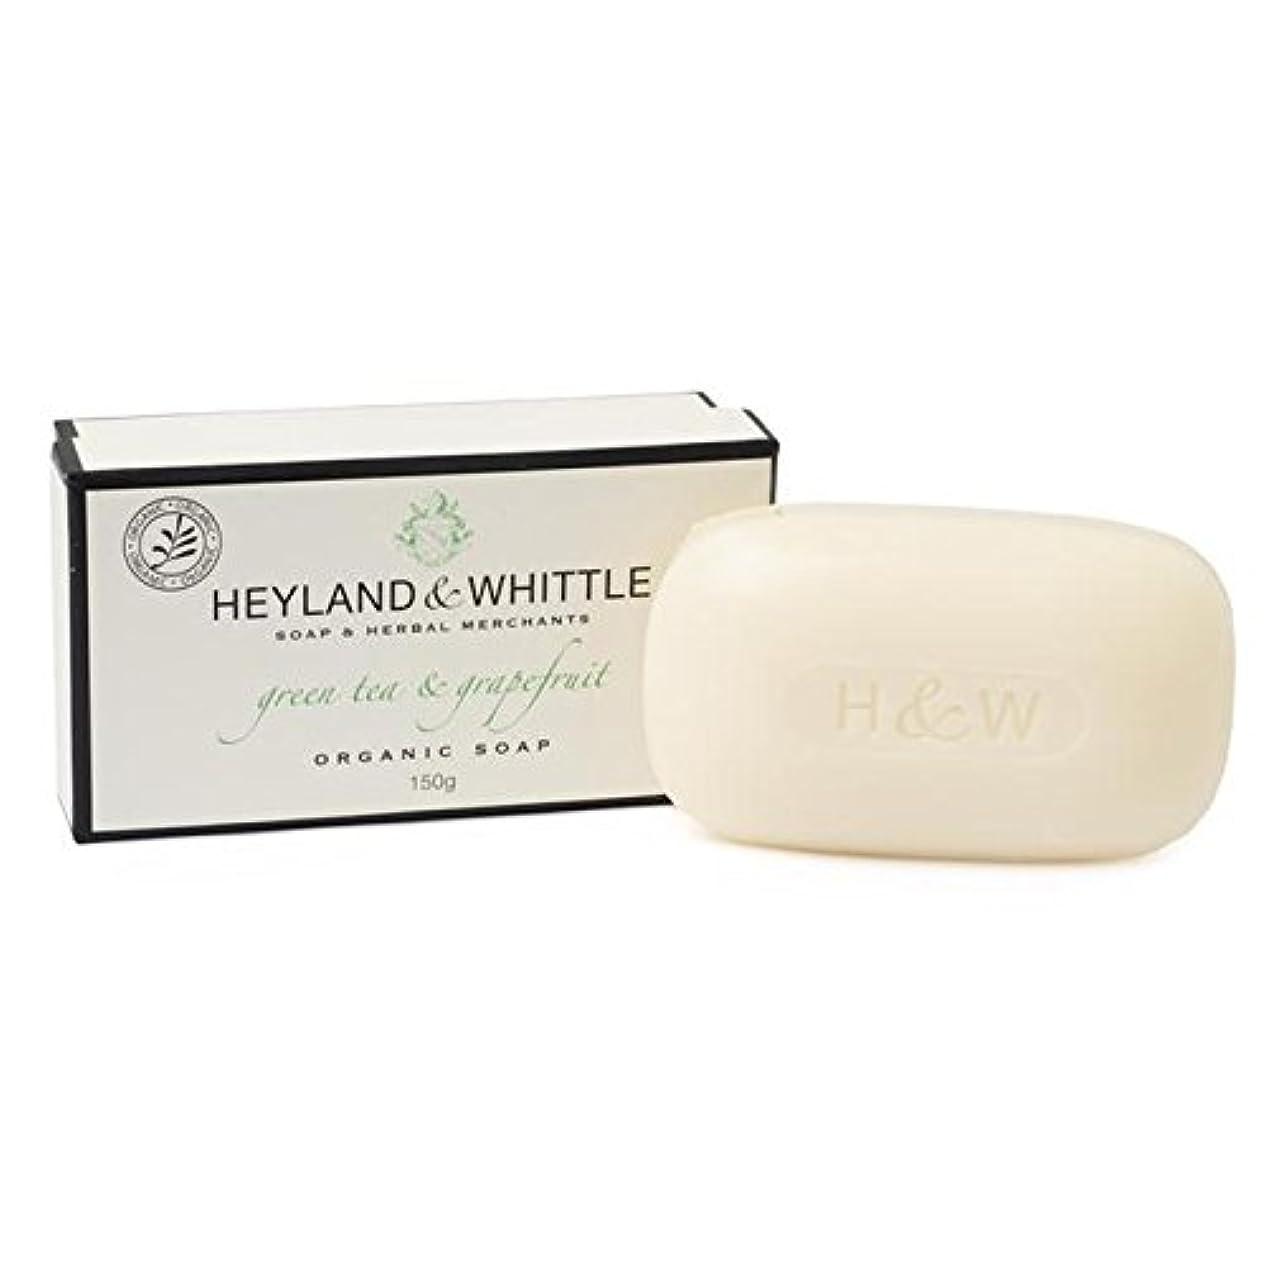 拍車待ってユーモア&削る緑茶&グレープフルーツはオーガニックソープ150グラム箱入り x2 - Heyland & Whittle Green Tea & Grapefruit Boxed Organic Soap 150g (Pack...